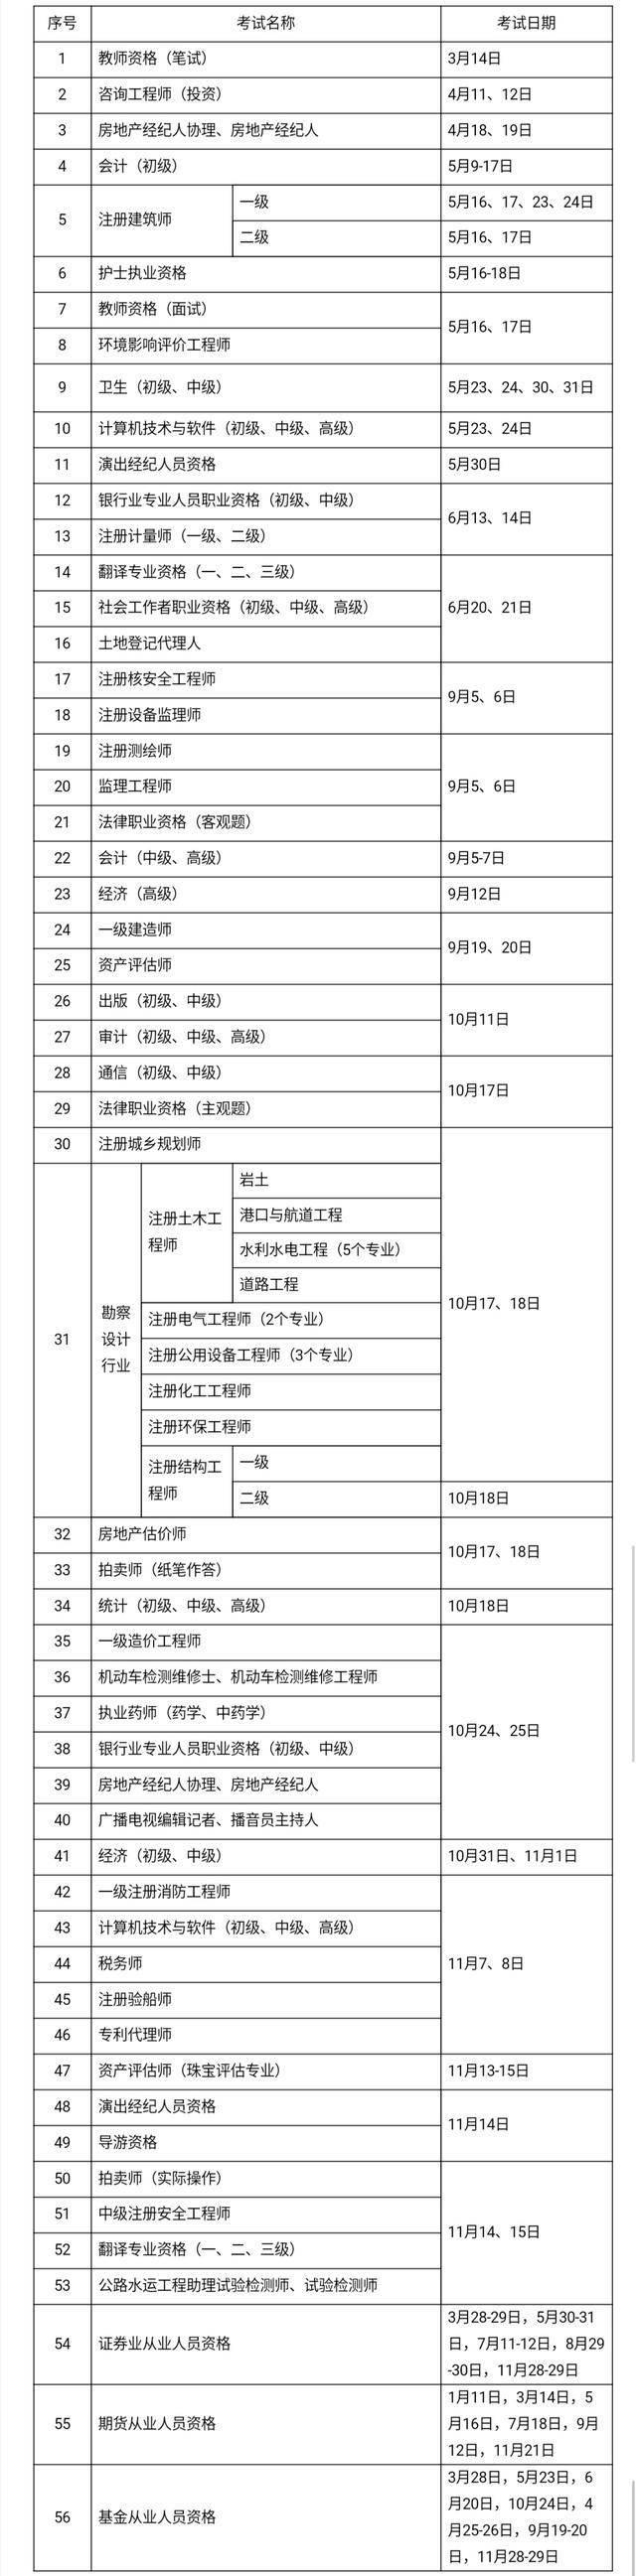 2020年考證時間表